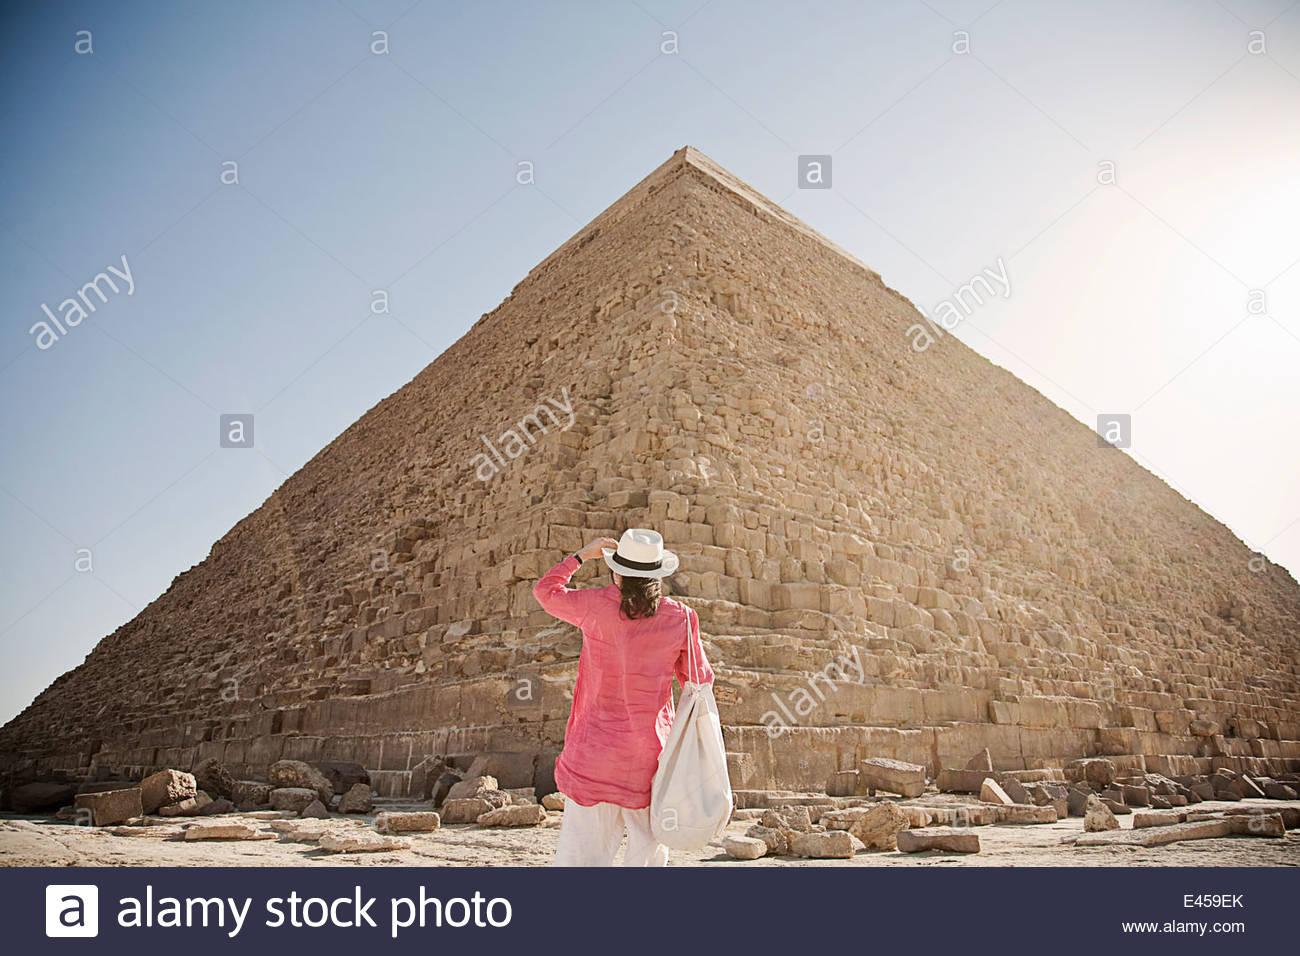 Donna matura turistico a La Grande Piramide di Giza in Egitto Immagini Stock